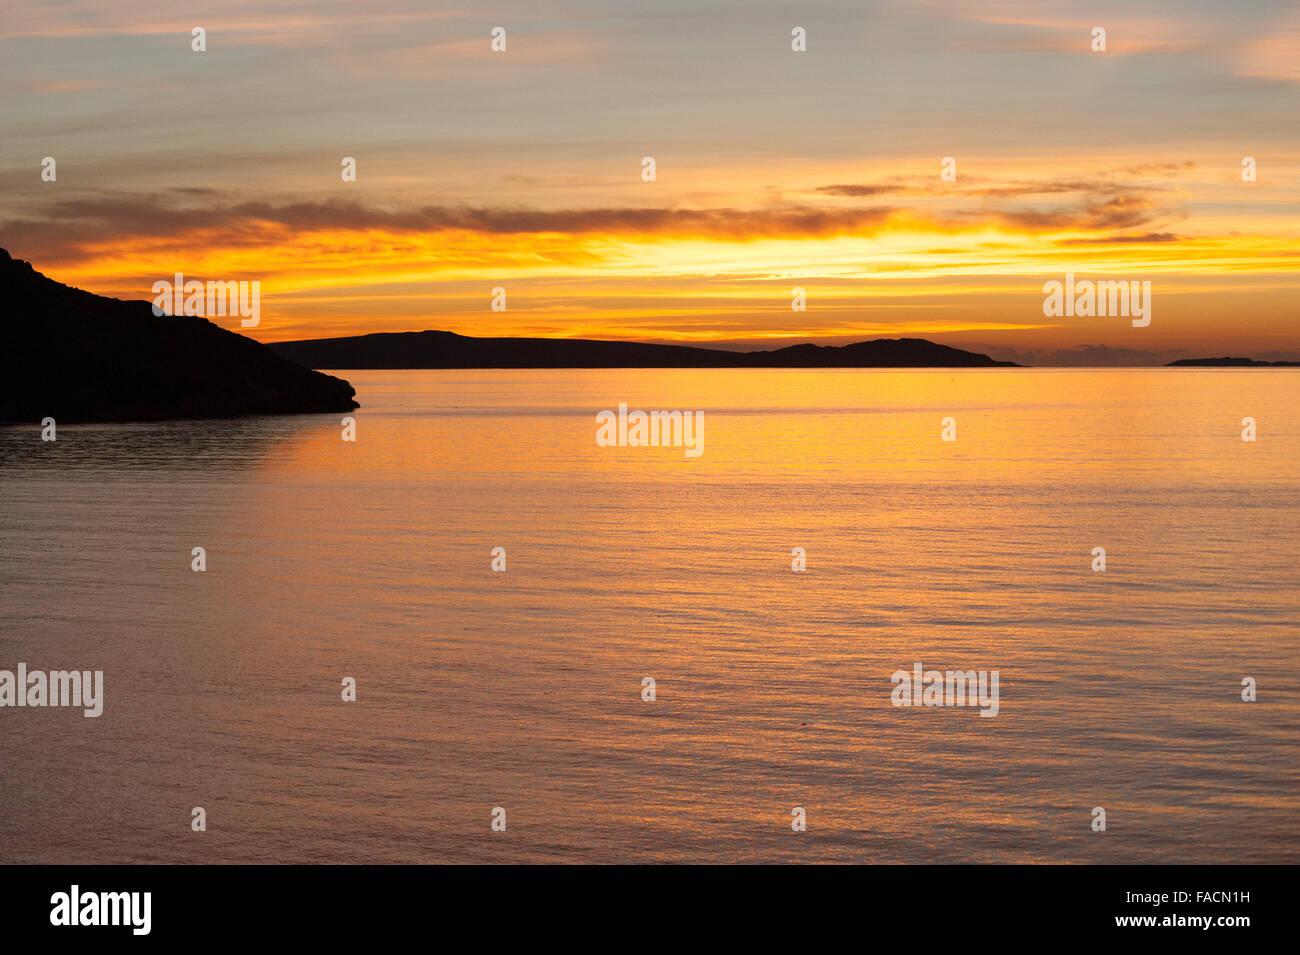 Sunset West coast of Scotland - Stock Image